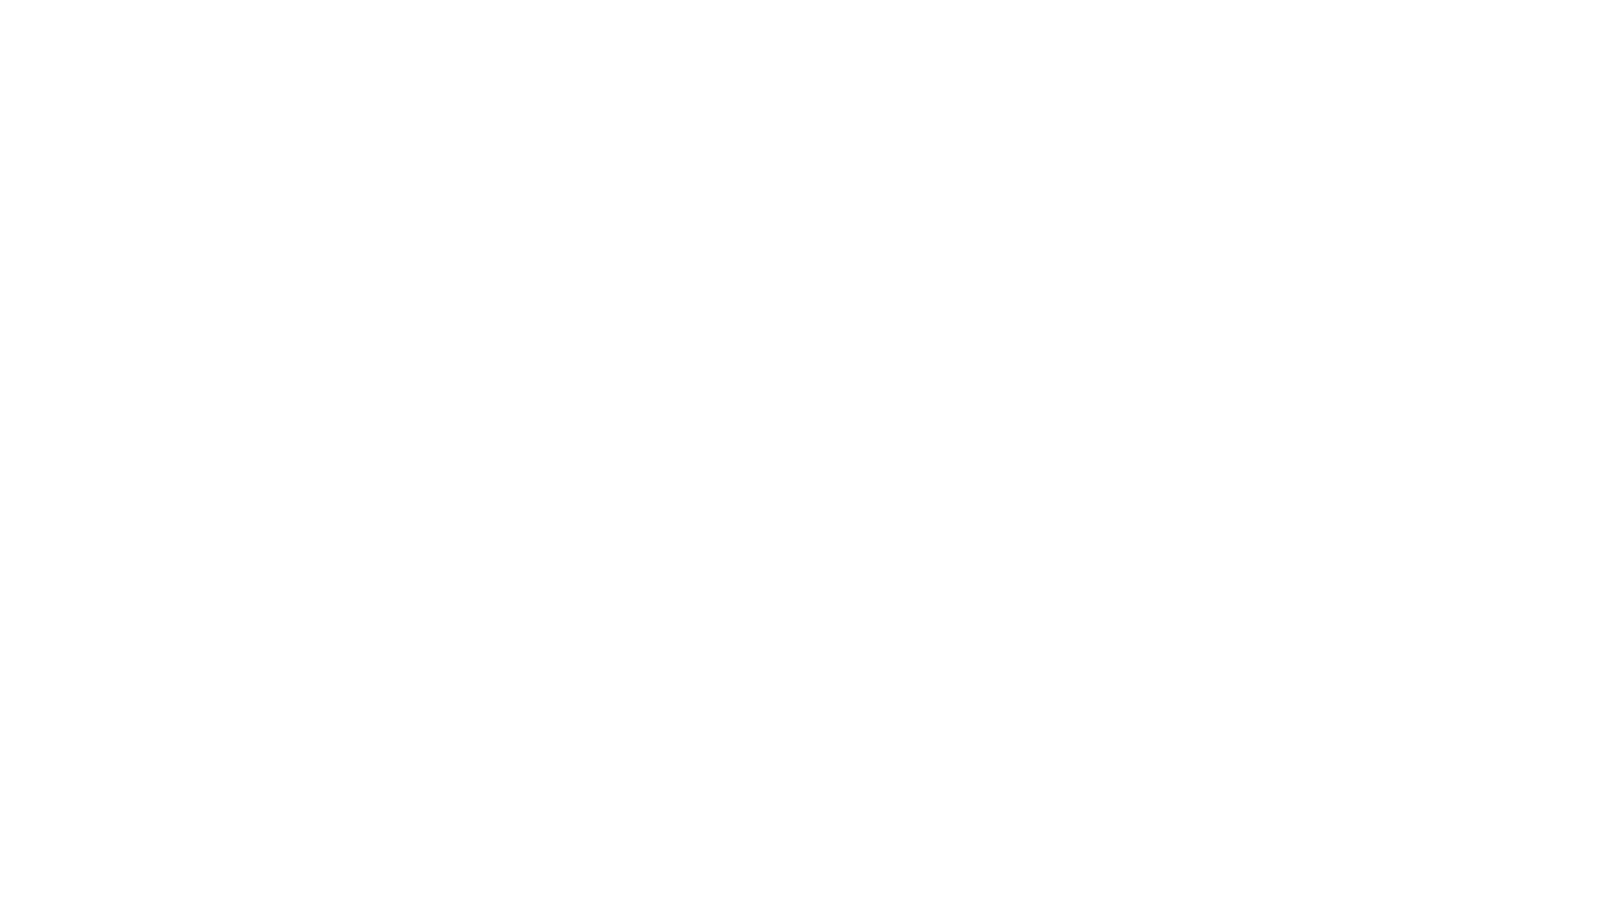 """https://corradolauretta.altervista.org/blog/ricetta---panini-morbidi-con-olive-nere/La ricetta di questi panini, prende spunto da quella tradizionale pugliese, in particolare nel salento e nel tarantino, dove vengono chiamati """"Pucce"""". In base alla provincia, la puccia varia sia nell'impasto che nella farcitura. Per l'impasto, principalmente si utilizza quello della pizza, mentre per la farcitura vengono utilizzati ingredienti poveri della tradizione locale, quali melanzane, pomodori, zucchine, ecc. La ricetta l'ho variata, utilizzando sempre ingredienti poveri e dando il nome di....Panini morbidi con olive nere"""